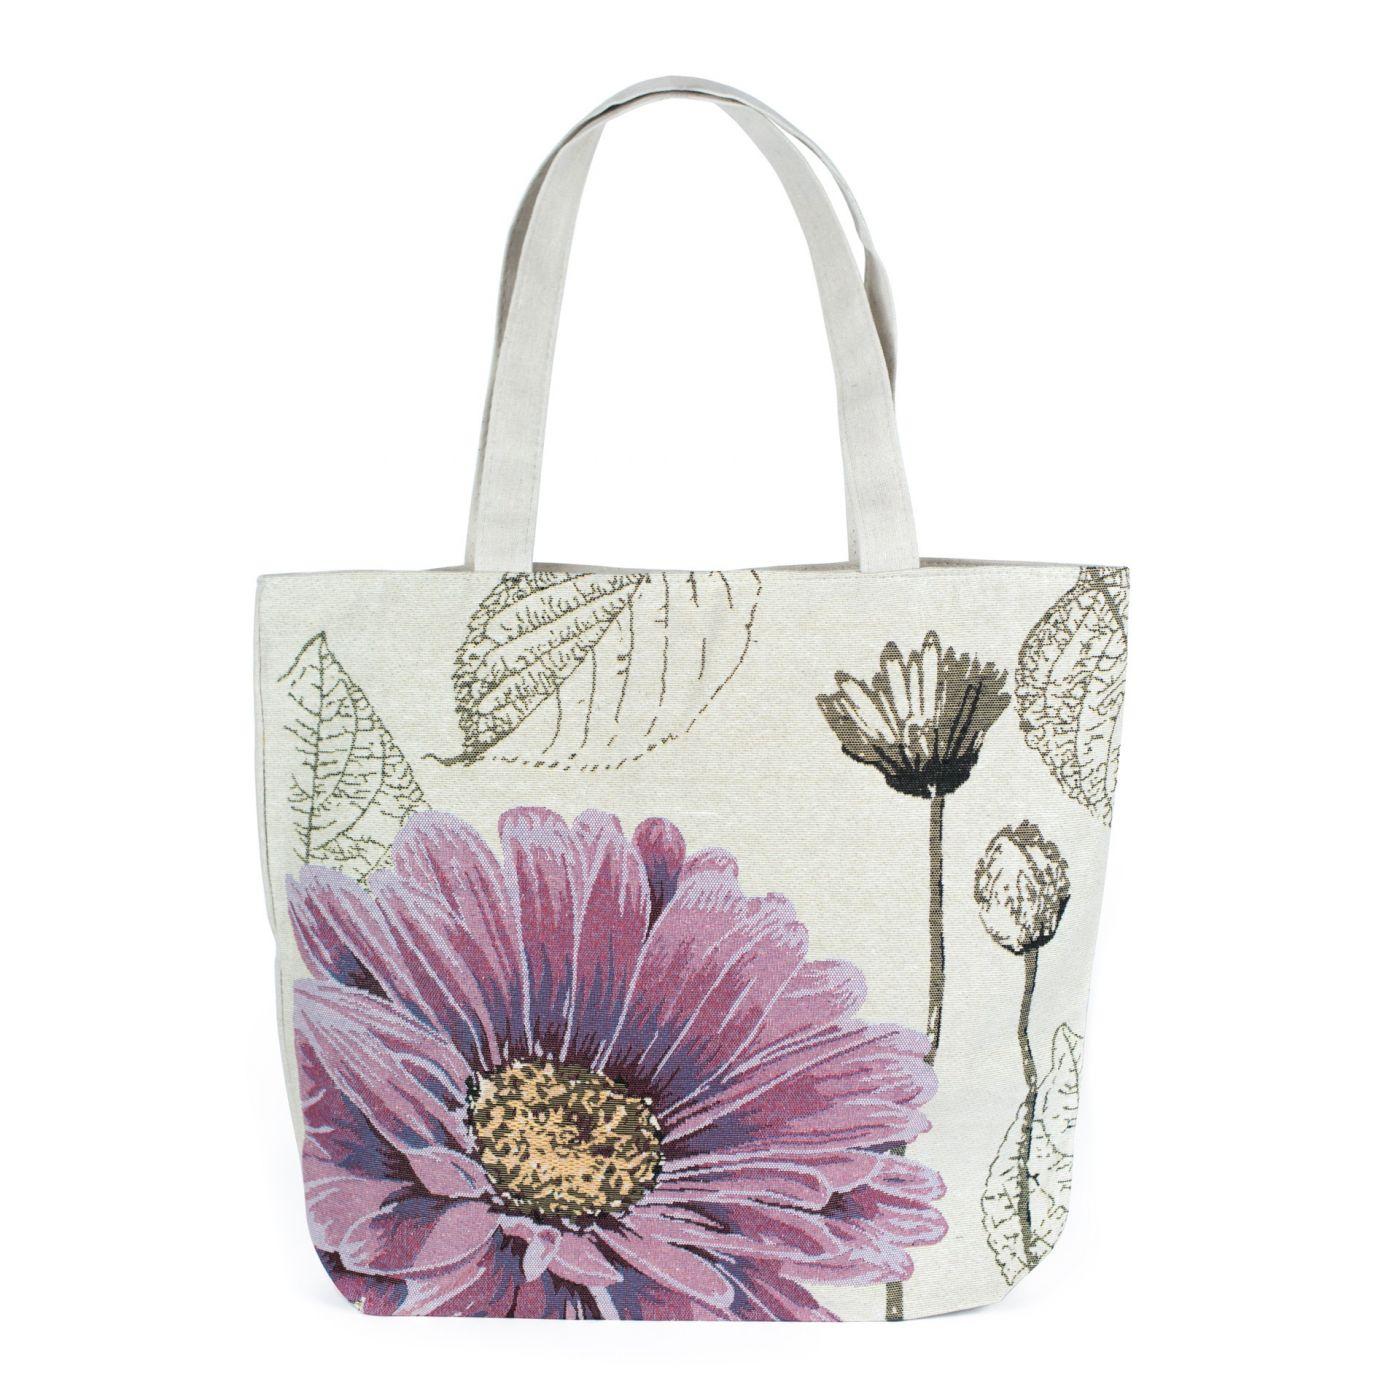 Art Of Polo Woman's Bag tr20223-1